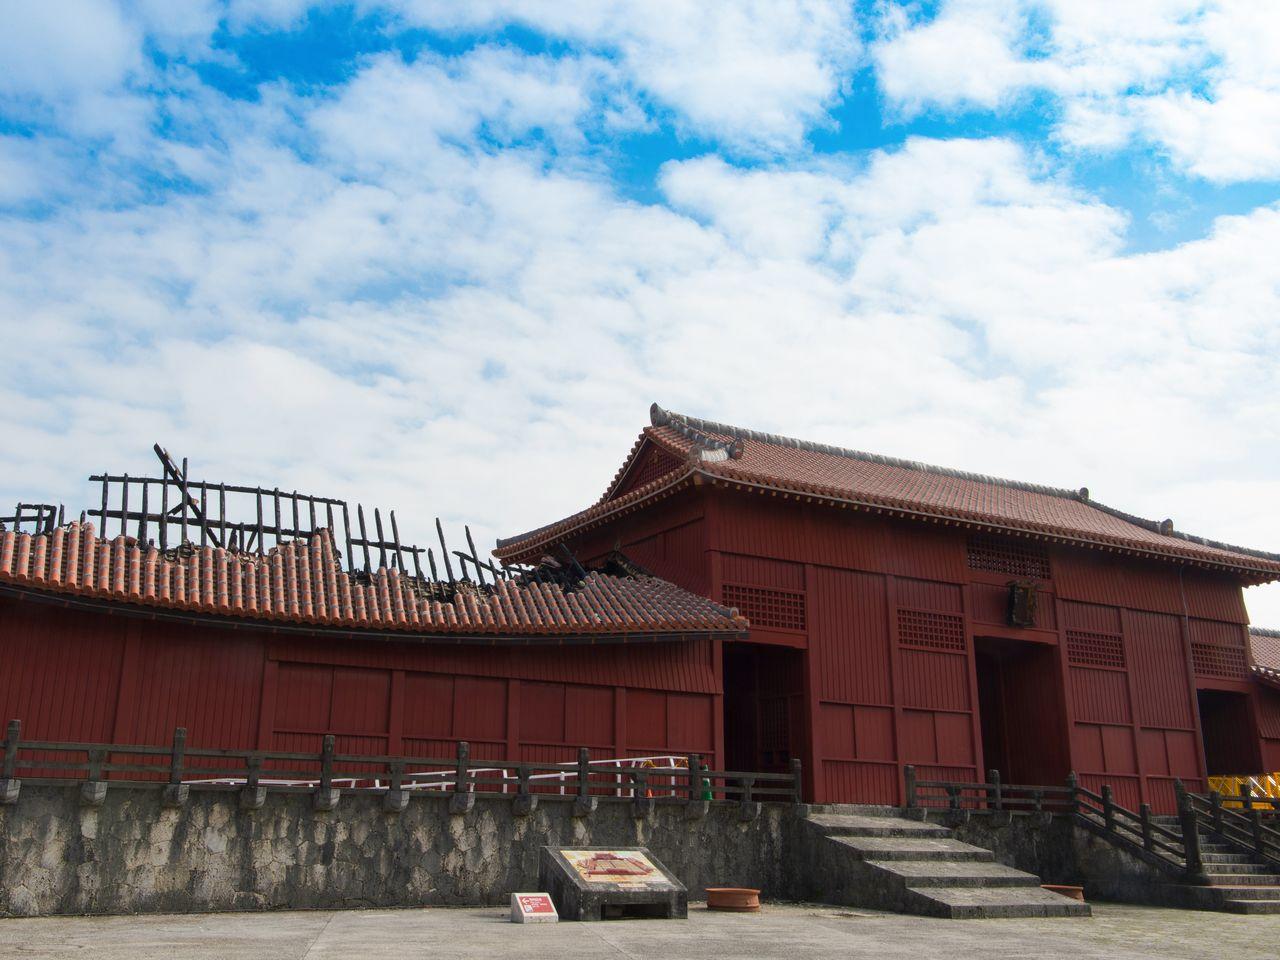 Ворота Хосин-мон перед главным зданием замка Сюридзё тоже пострадали от пожара. По состоянию на январь 2020 года посетители допускаются в сад Ситянуна и могут осмотреть 80% территории замка